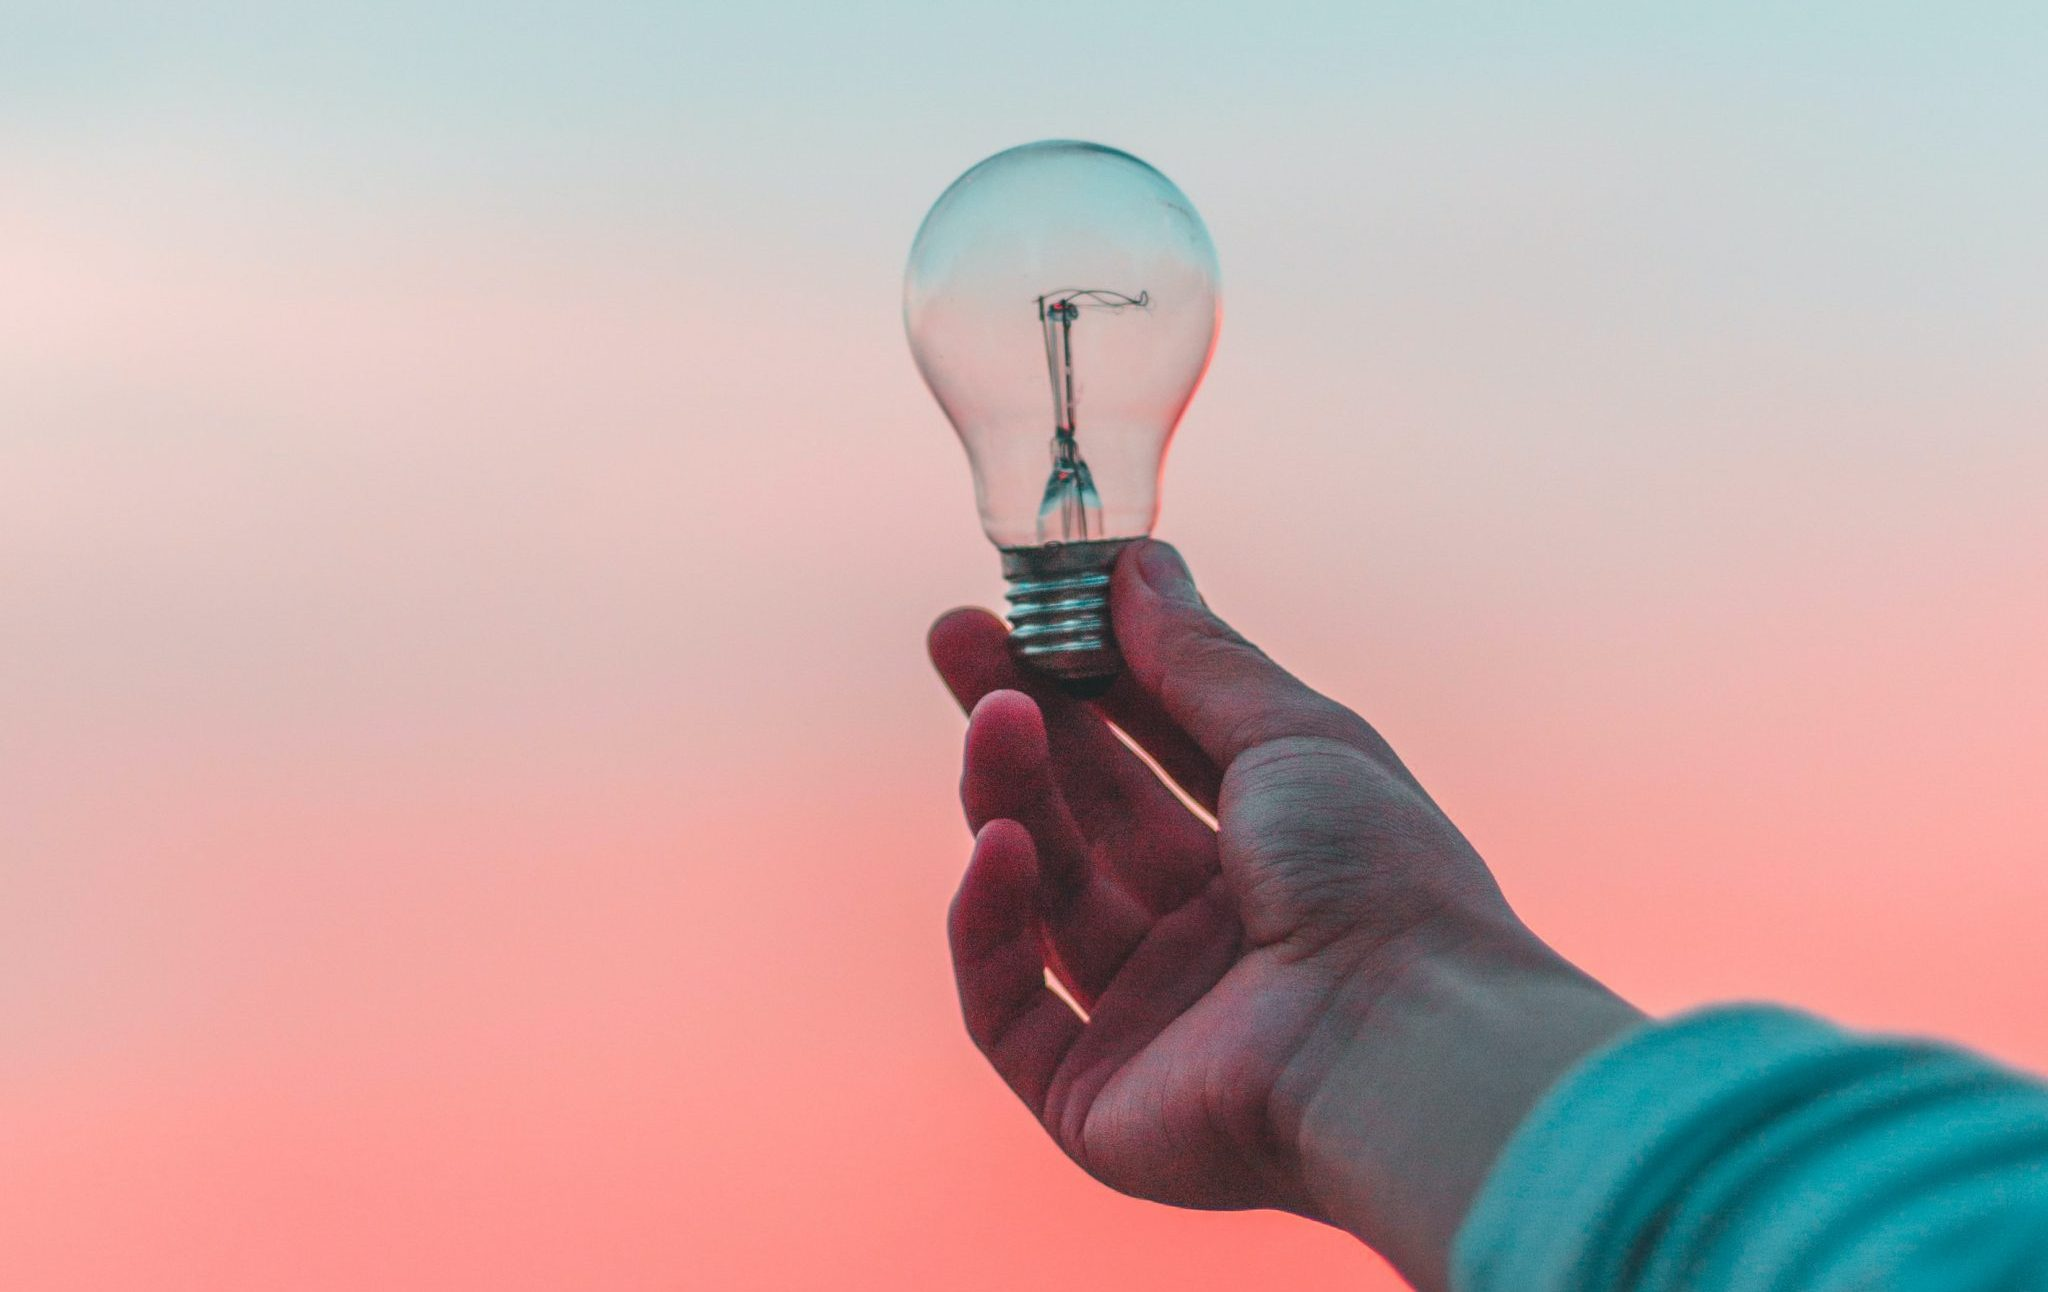 idéer, idé, tanke (Foto: Unsplash)